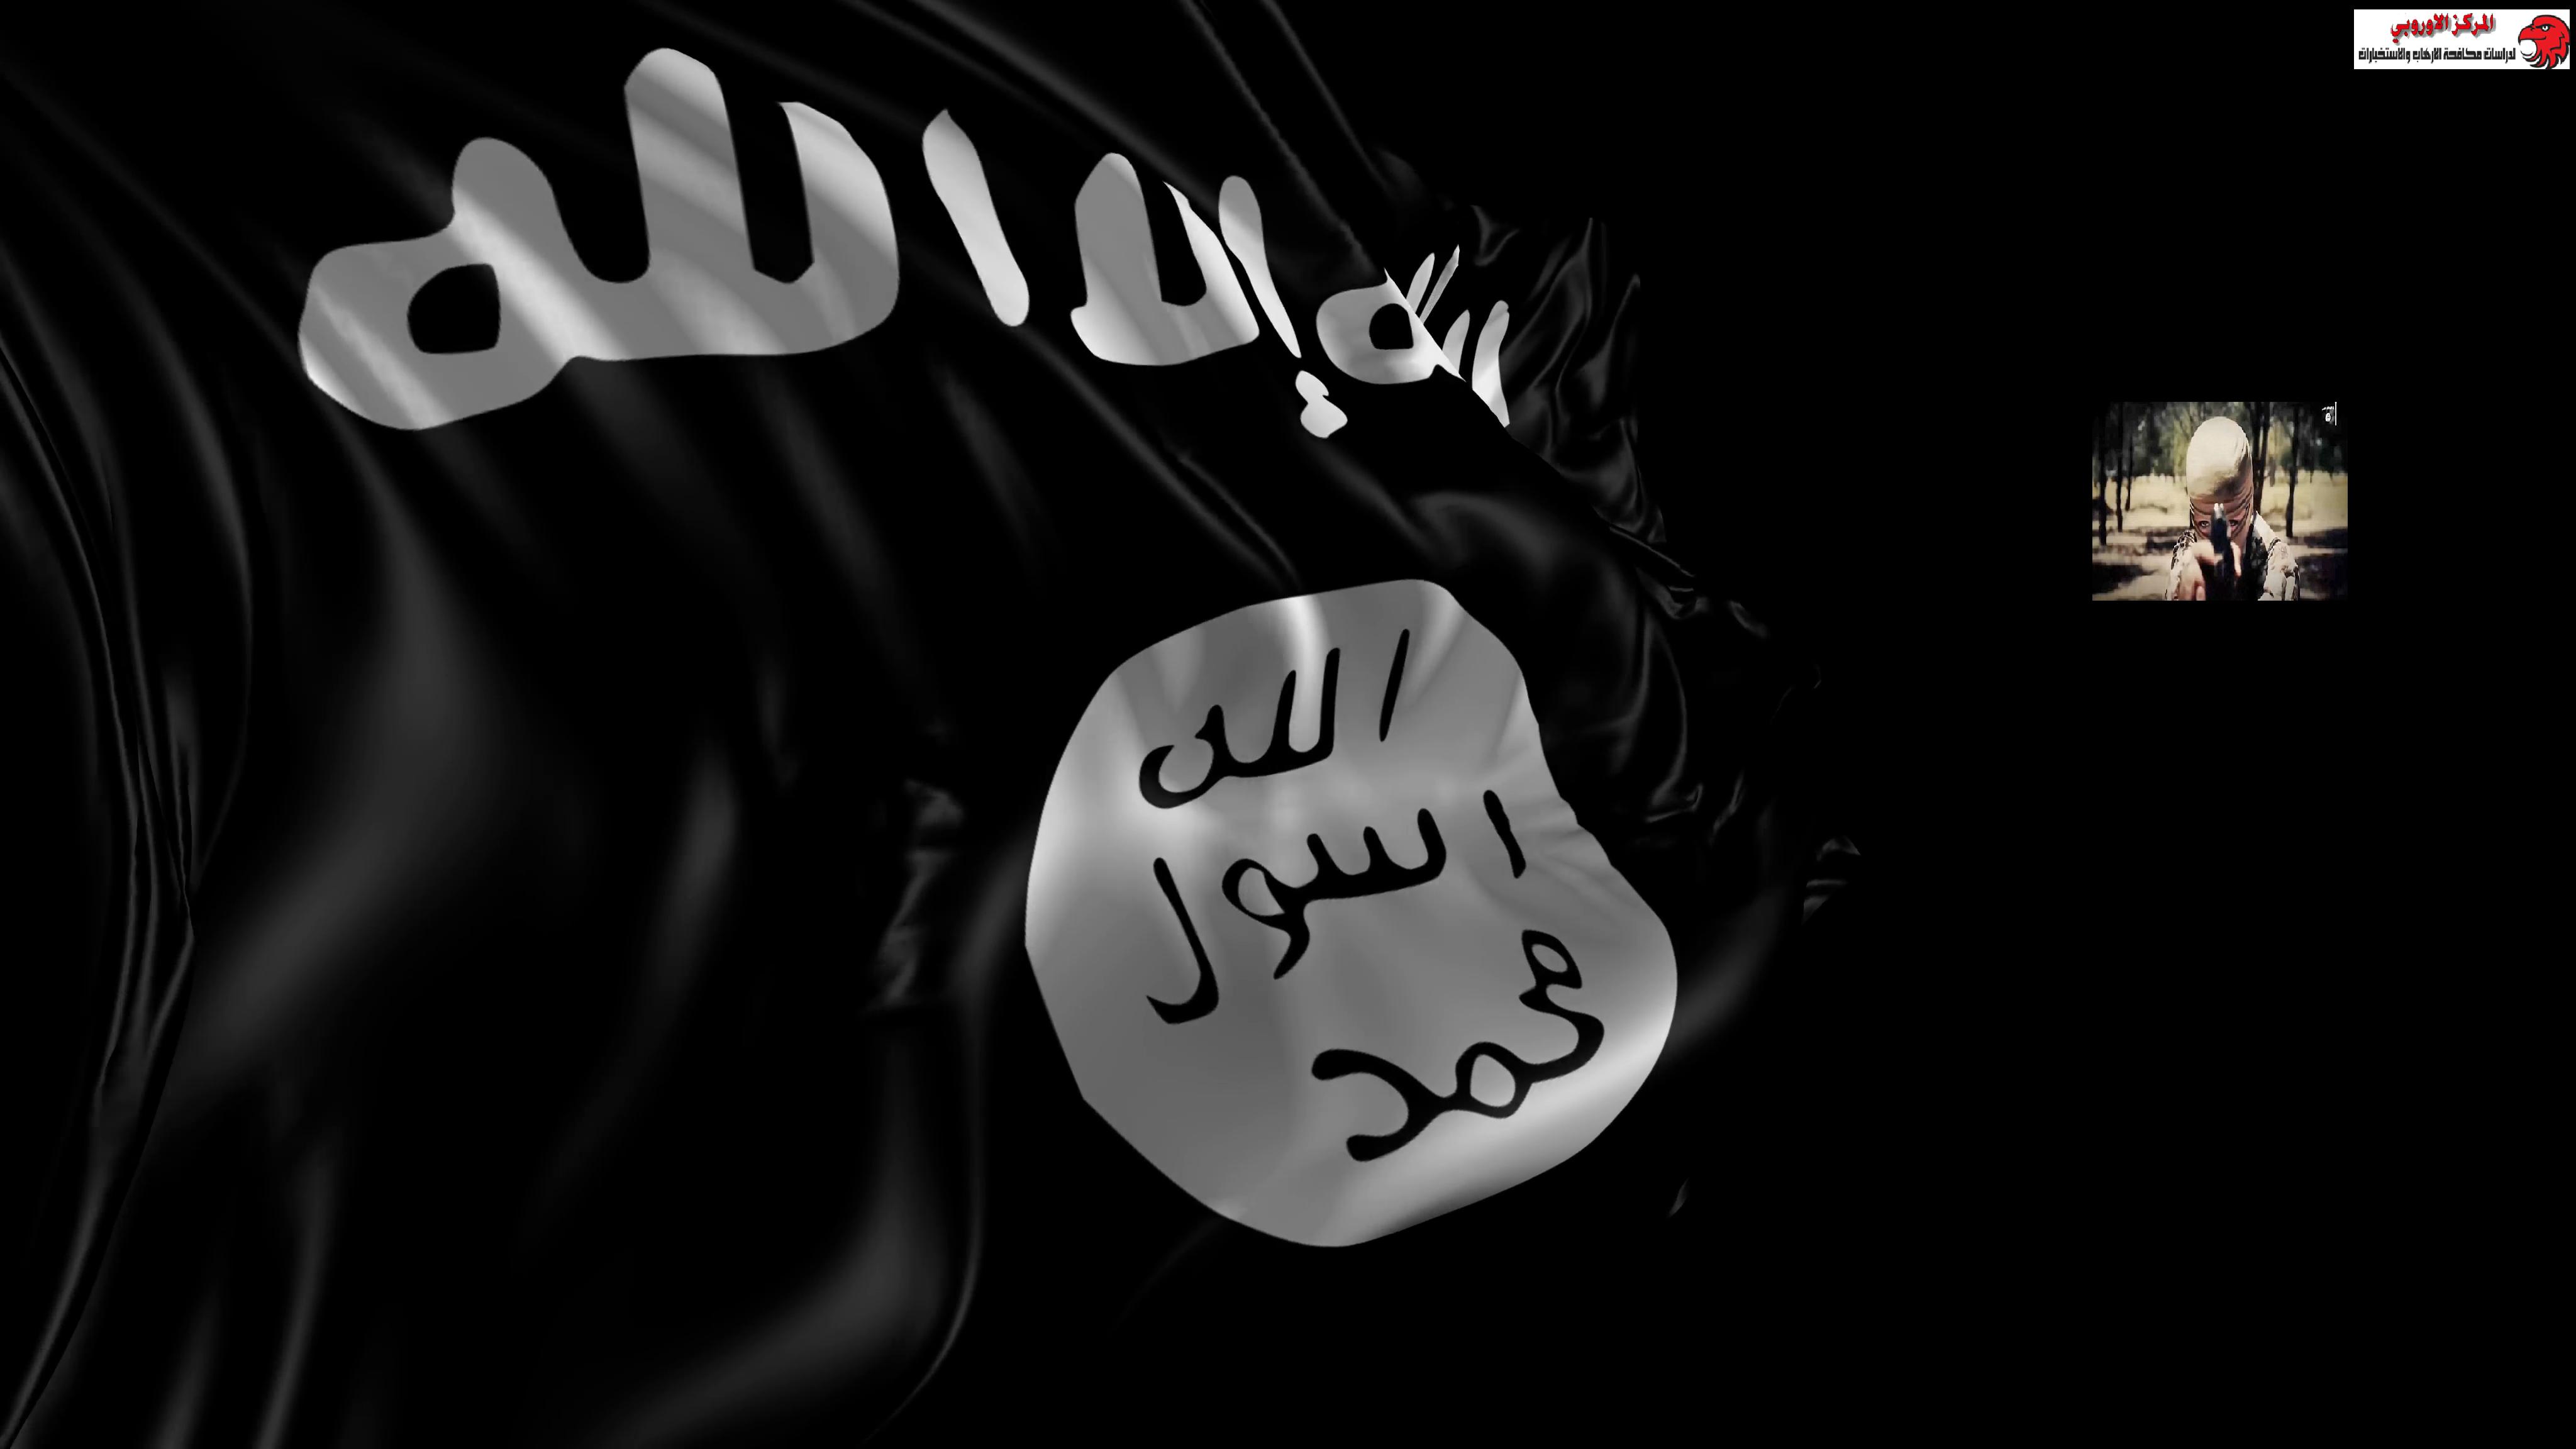 كيف نجح تنظيم داعش بتحويل الاطفال والقاصرين الى قنابل موقوتة داخل أوروبا ؟